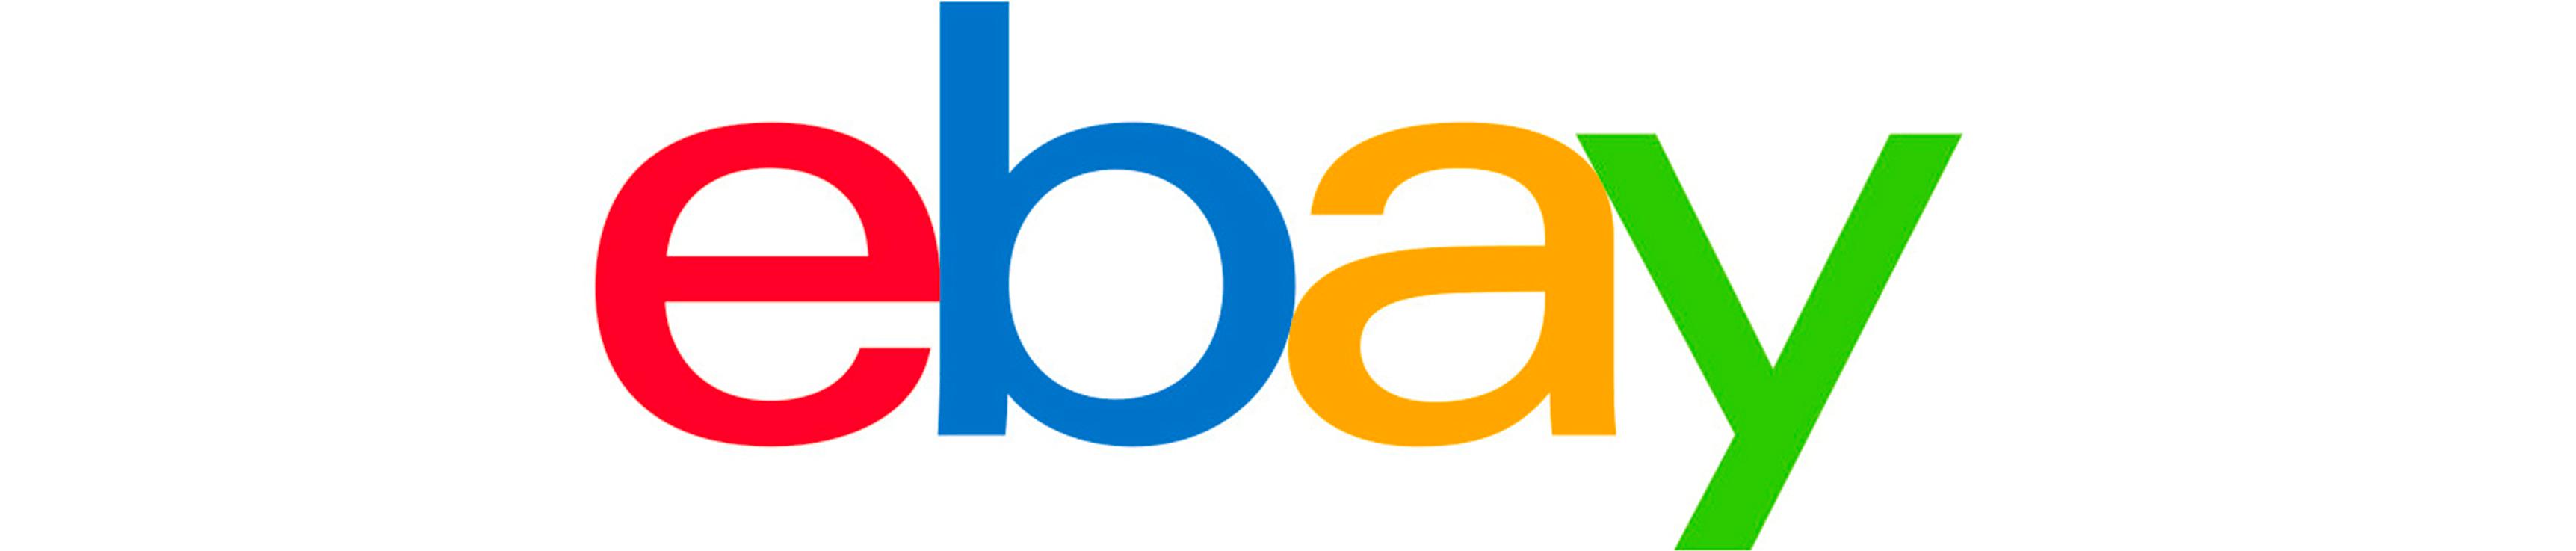 ebay-logo-v4